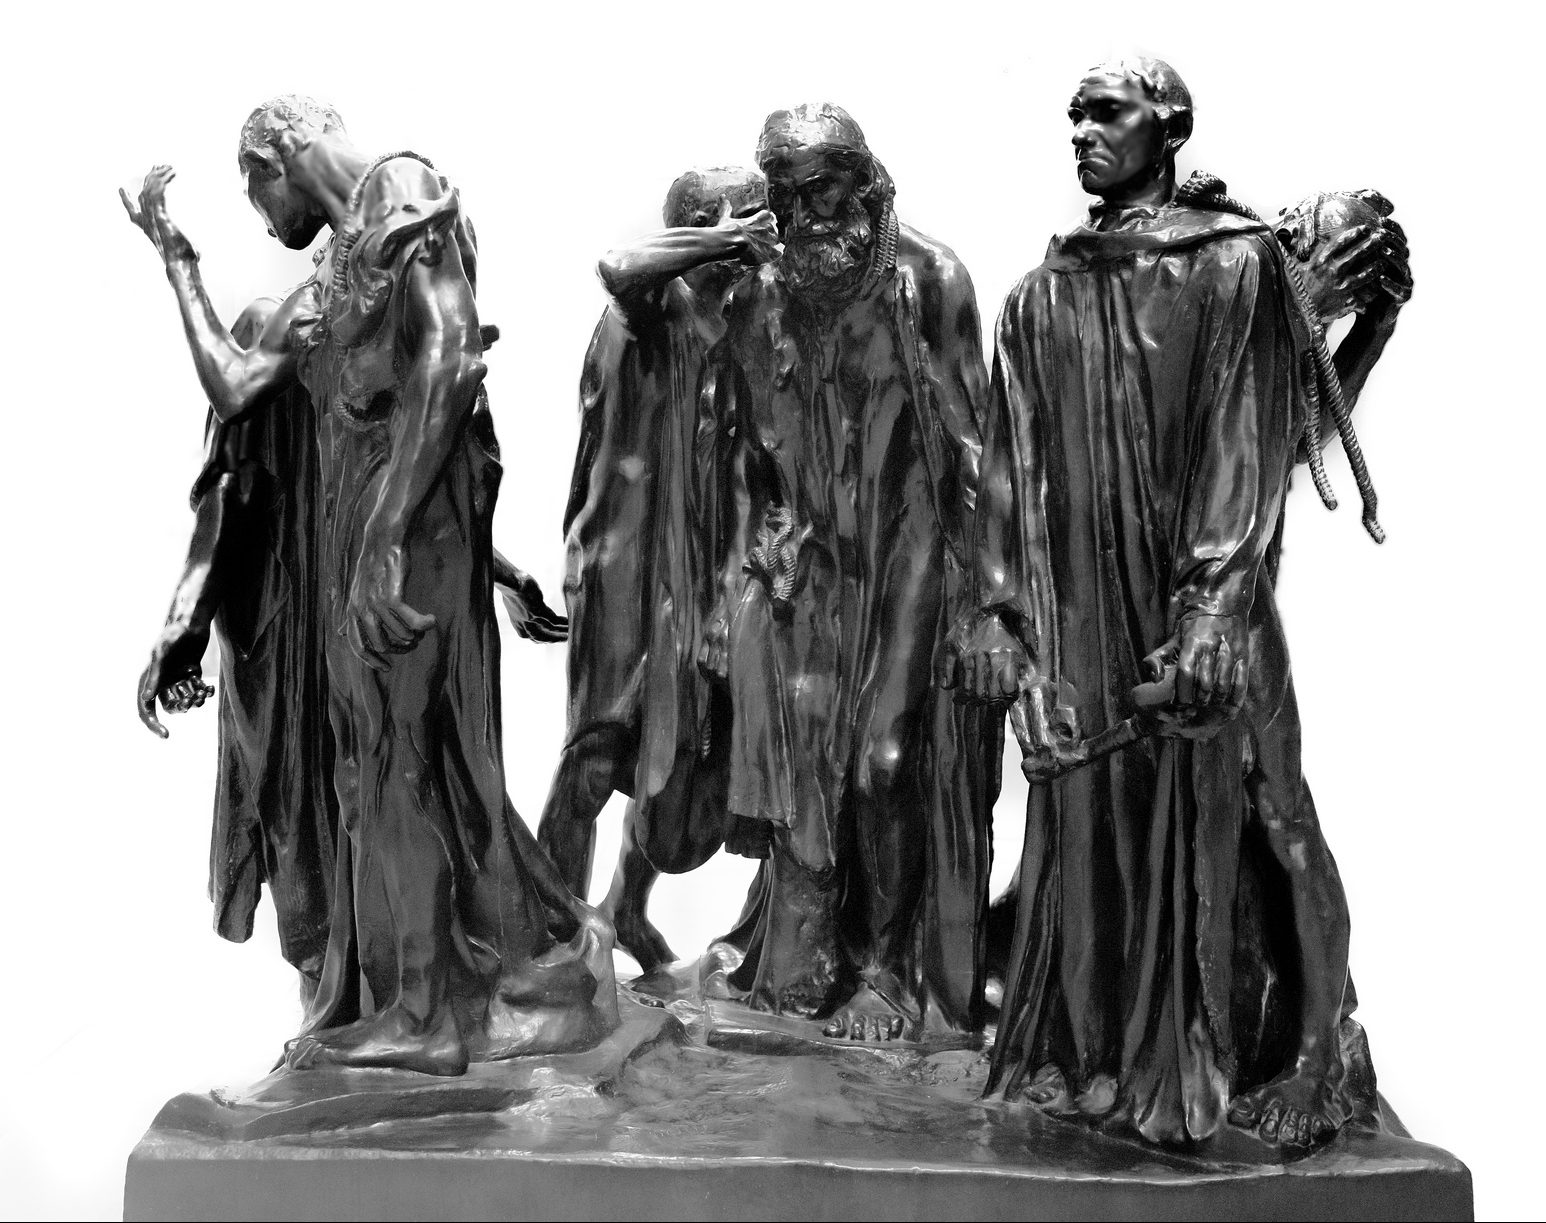 Auguste rodin scultore rivoluzionario artesplorando for Rodin scultore